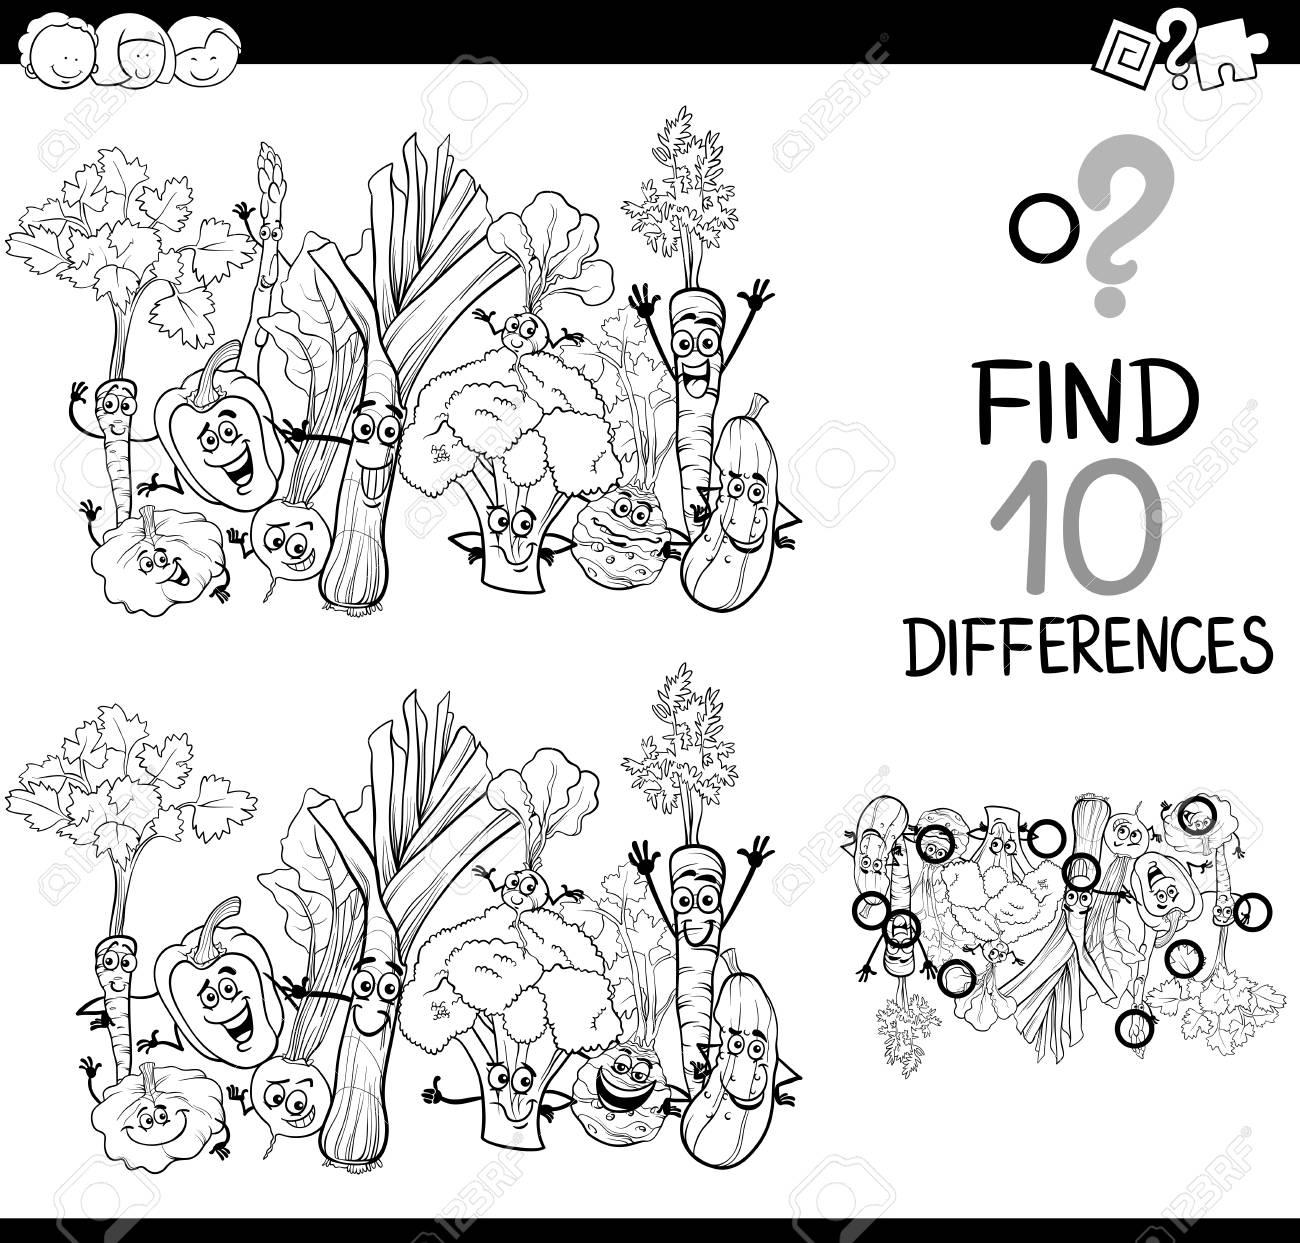 Ilustracao De Preto E Branco Dos Desenhos Animados De Encontrar